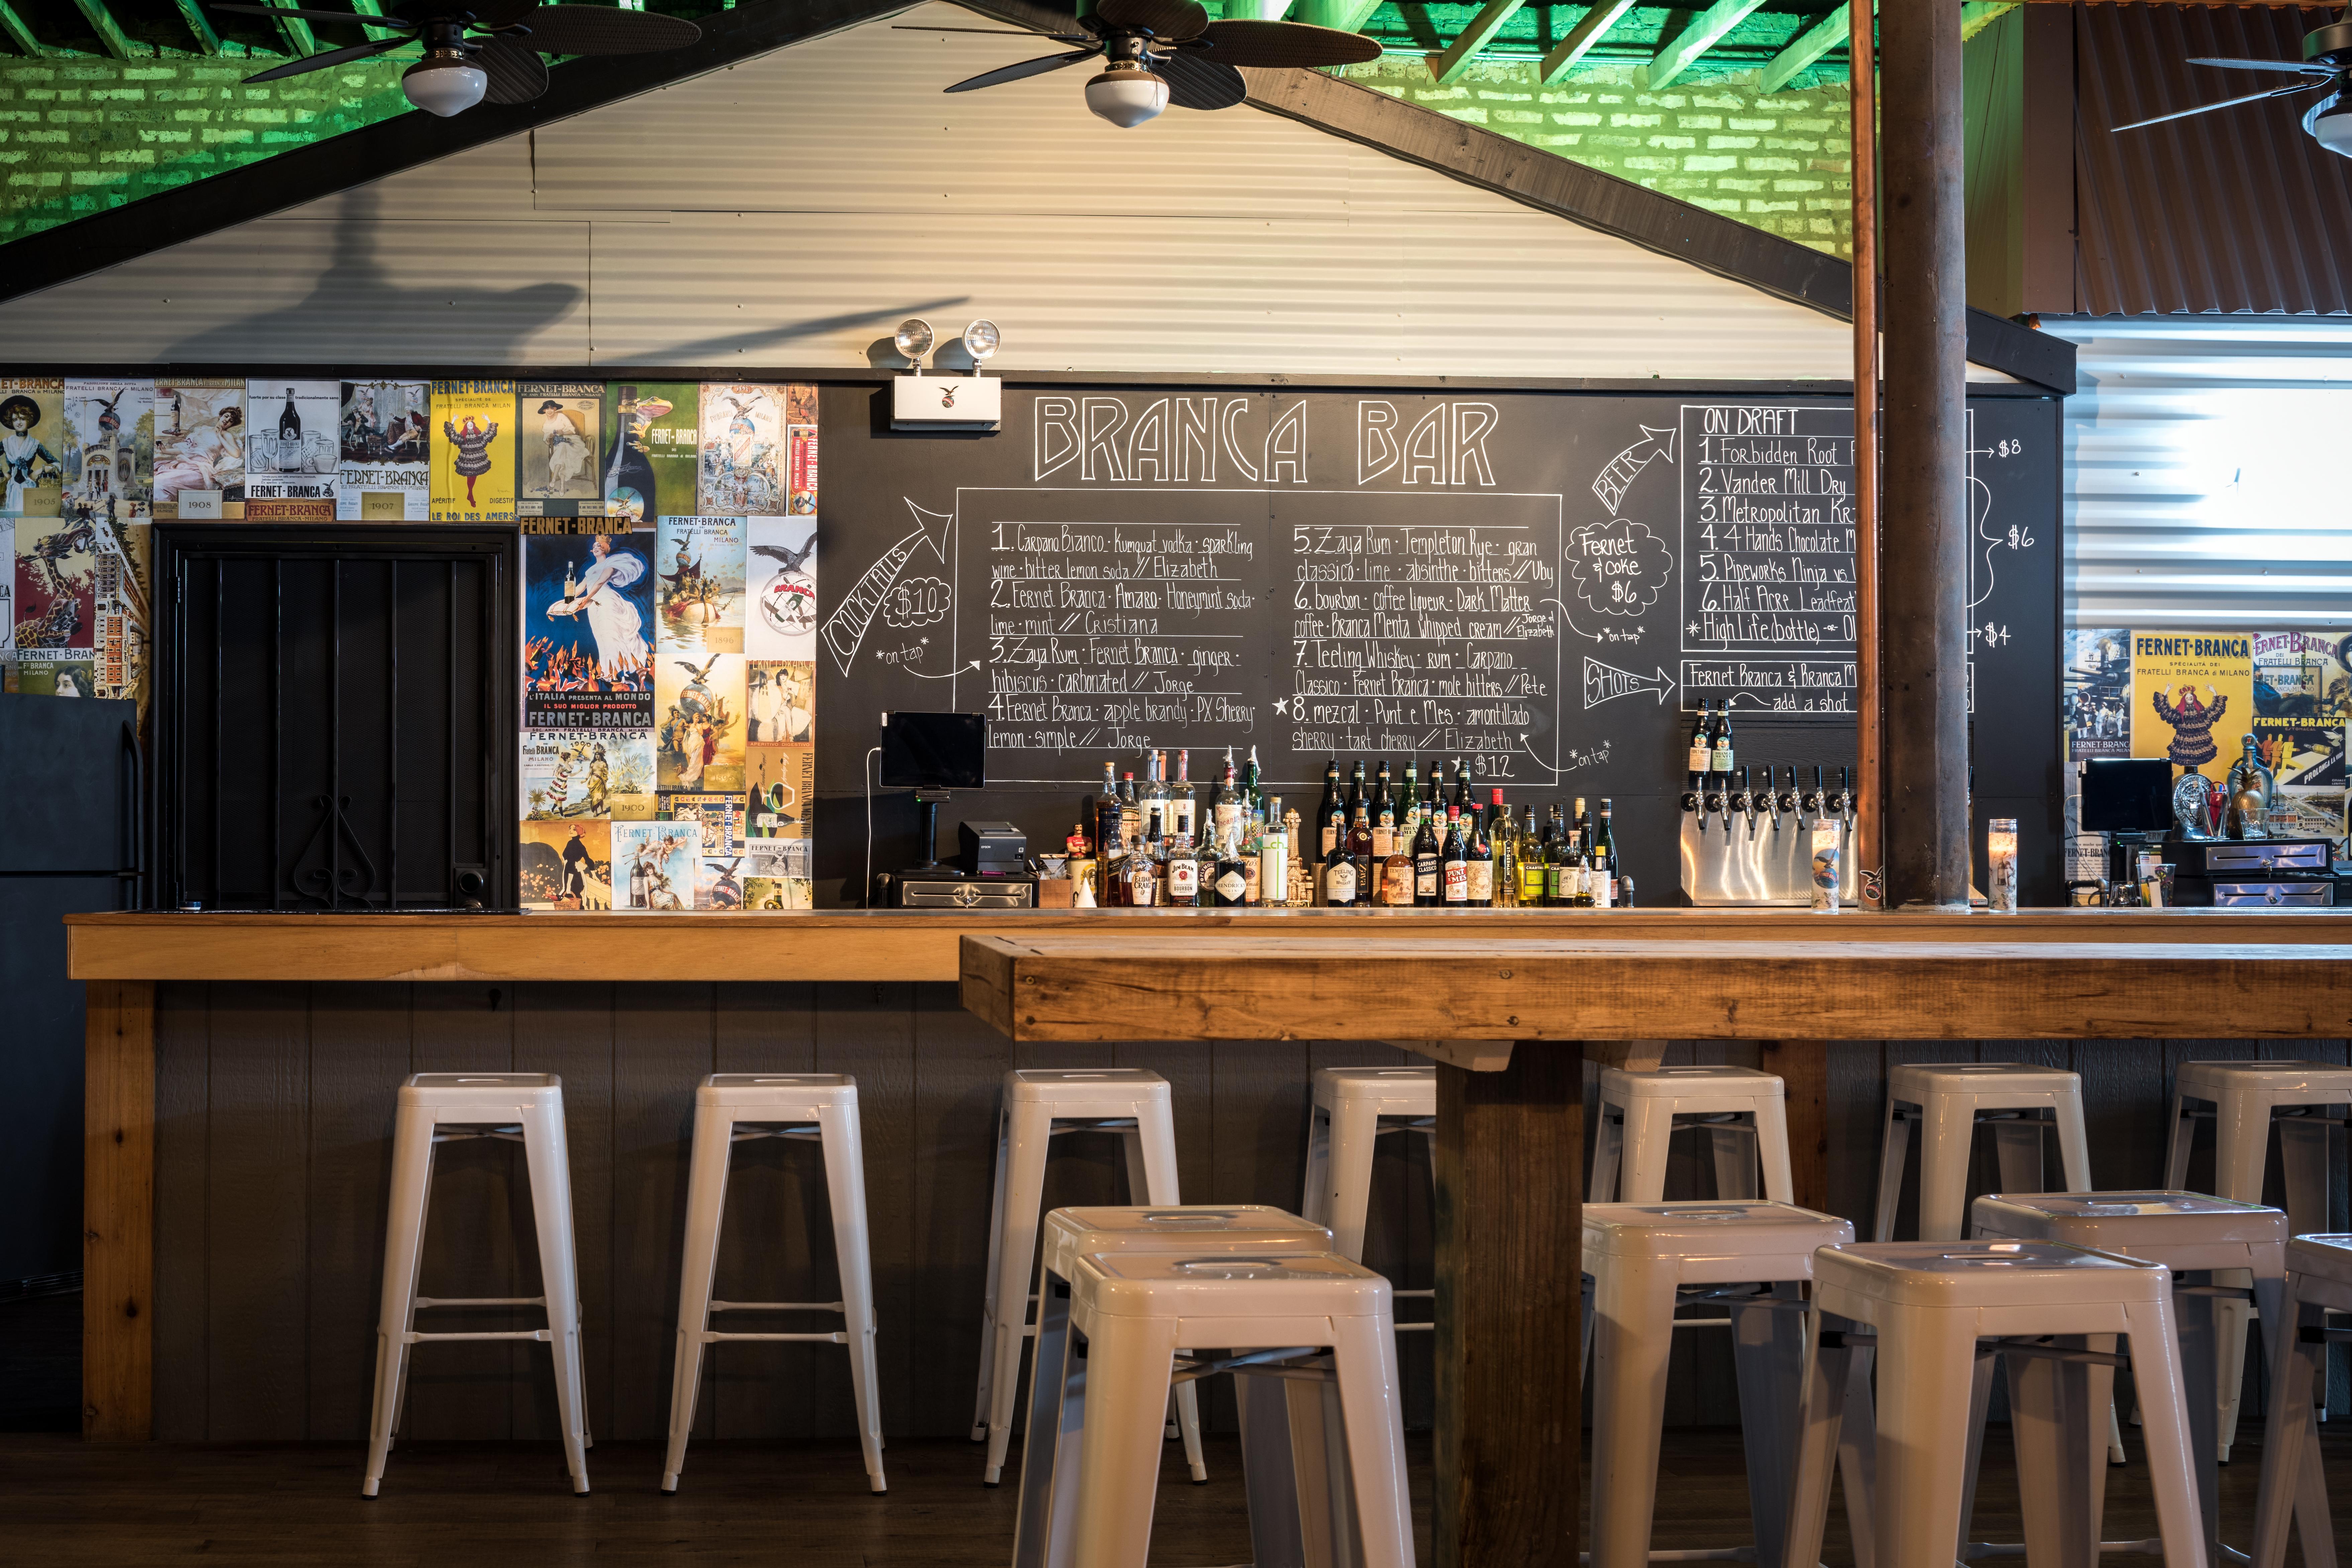 inside emporium's branca bar, surf bar's amaro-focused replacement